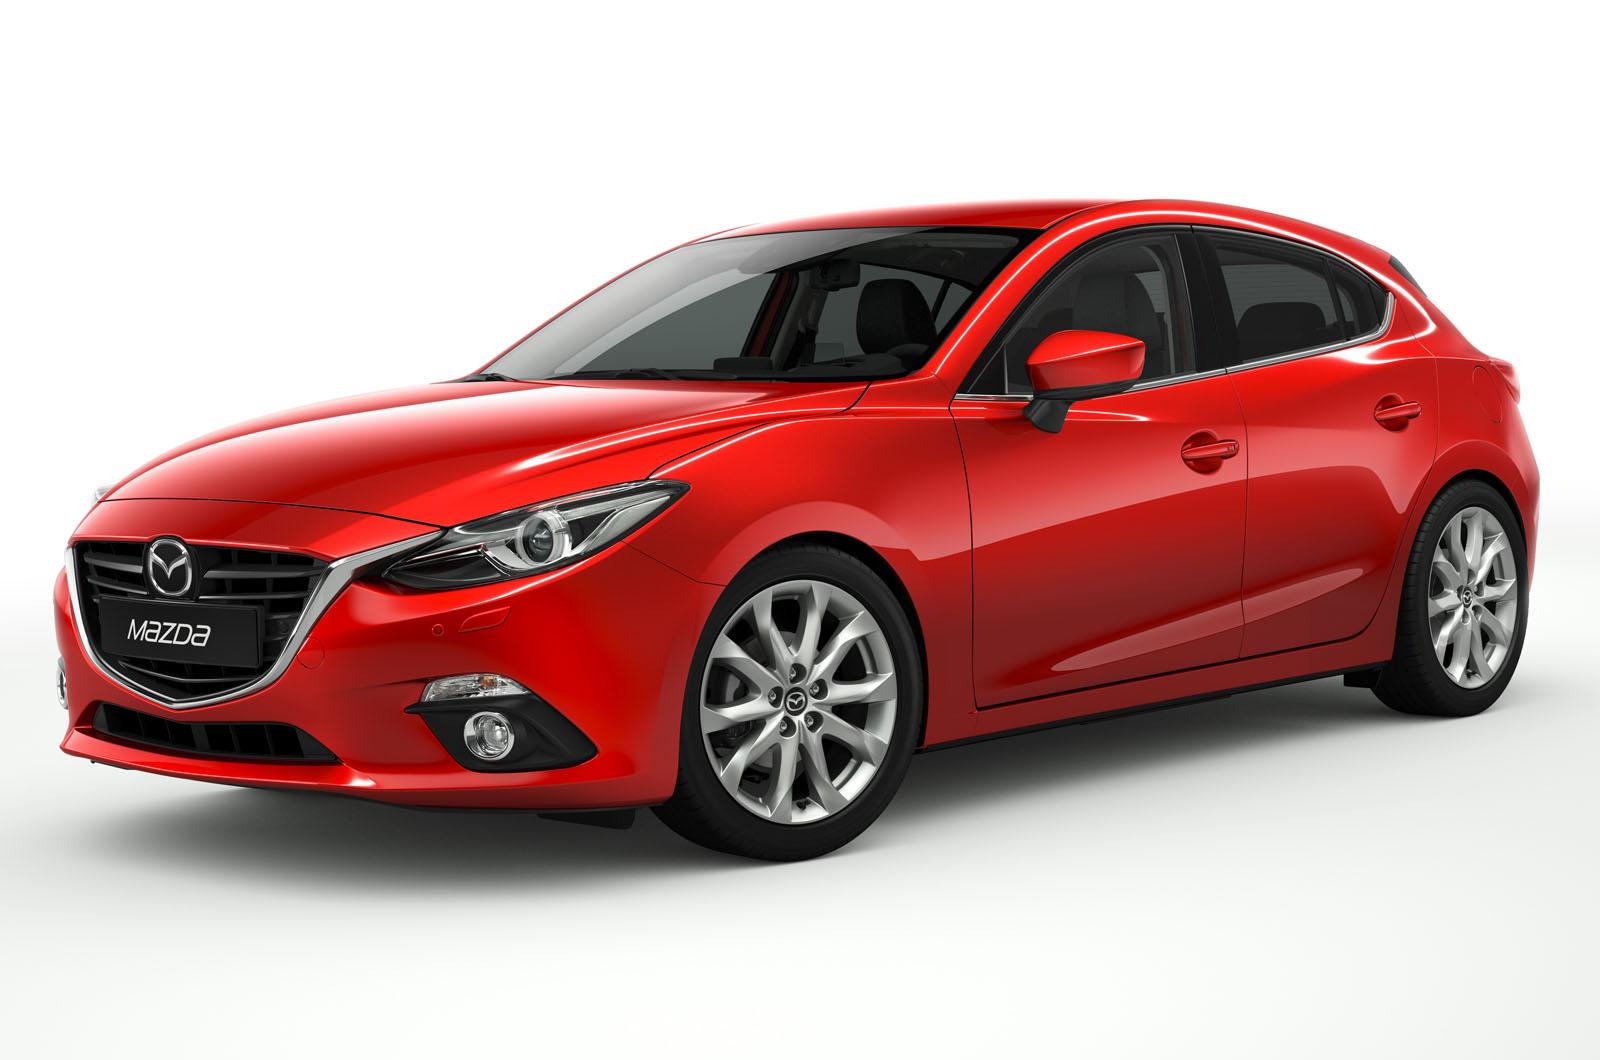 Conoce un poco más en detalle al nuevo Mazda 3 en sus primeros vídeos